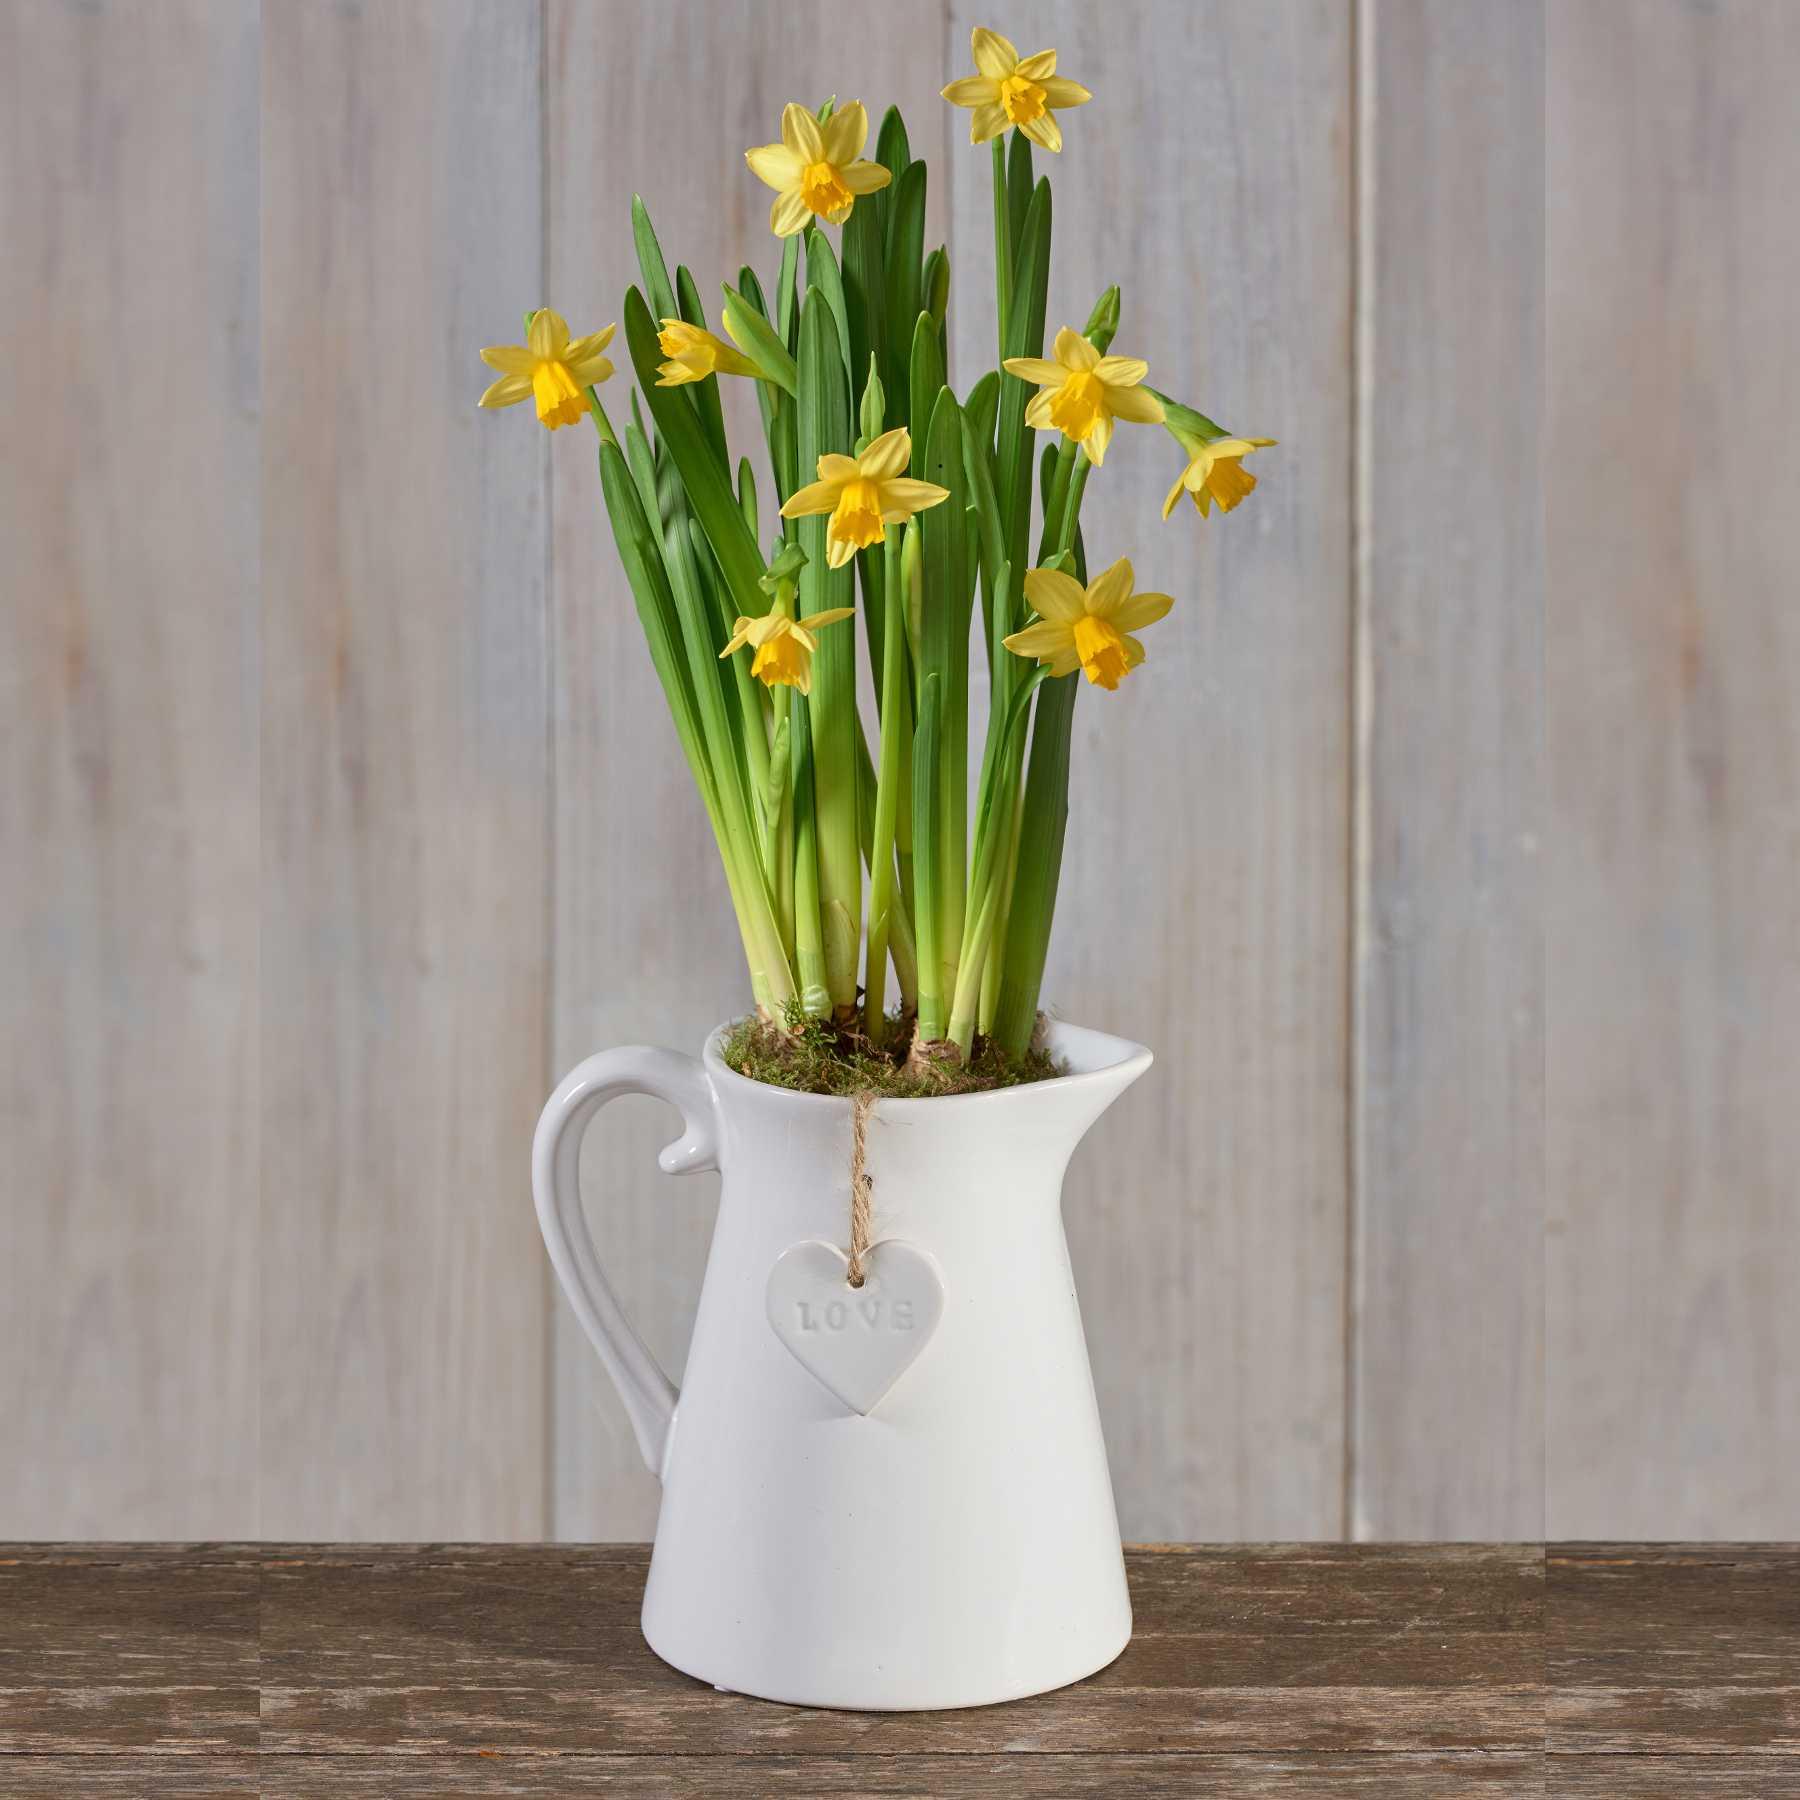 Посадка нарциссов весной: когда и как посадить?